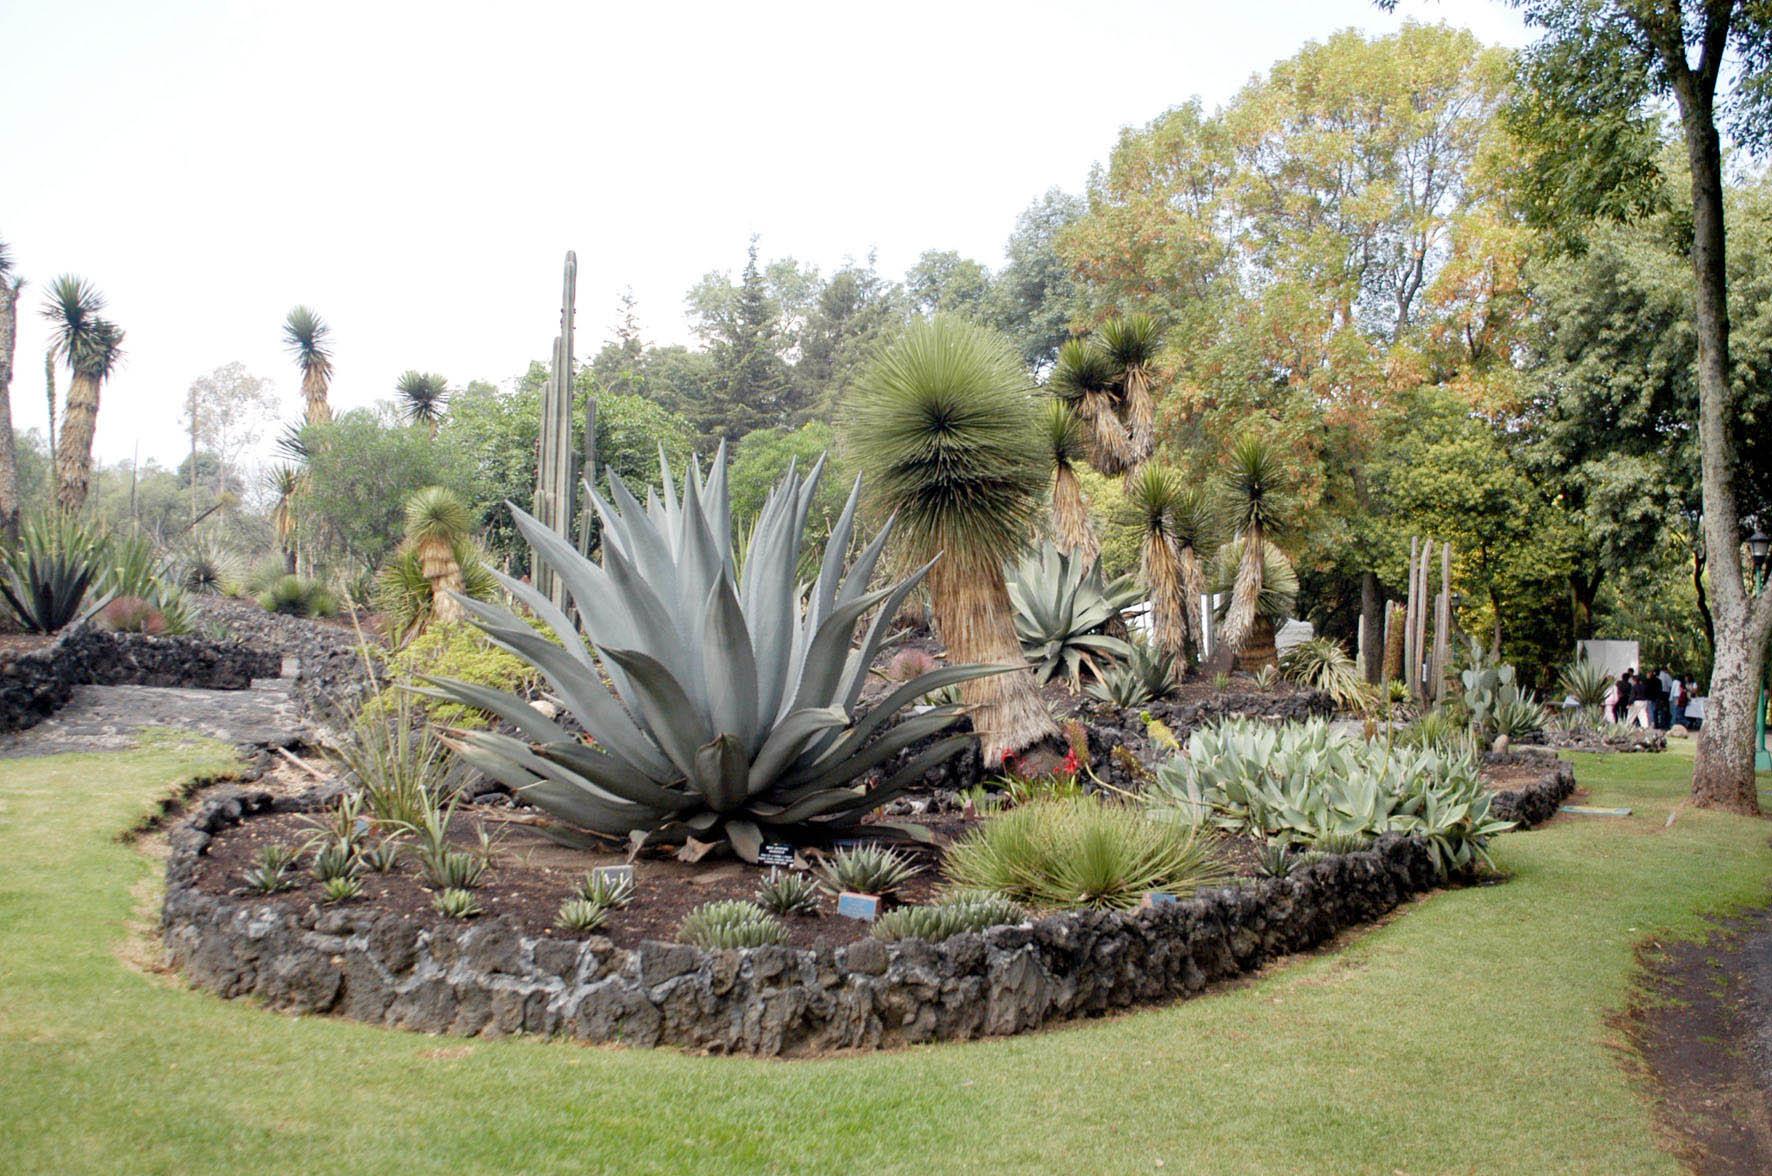 Amplia y creativa oferta vacacional en el jard n bot nico for Caracteristicas de un jardin botanico